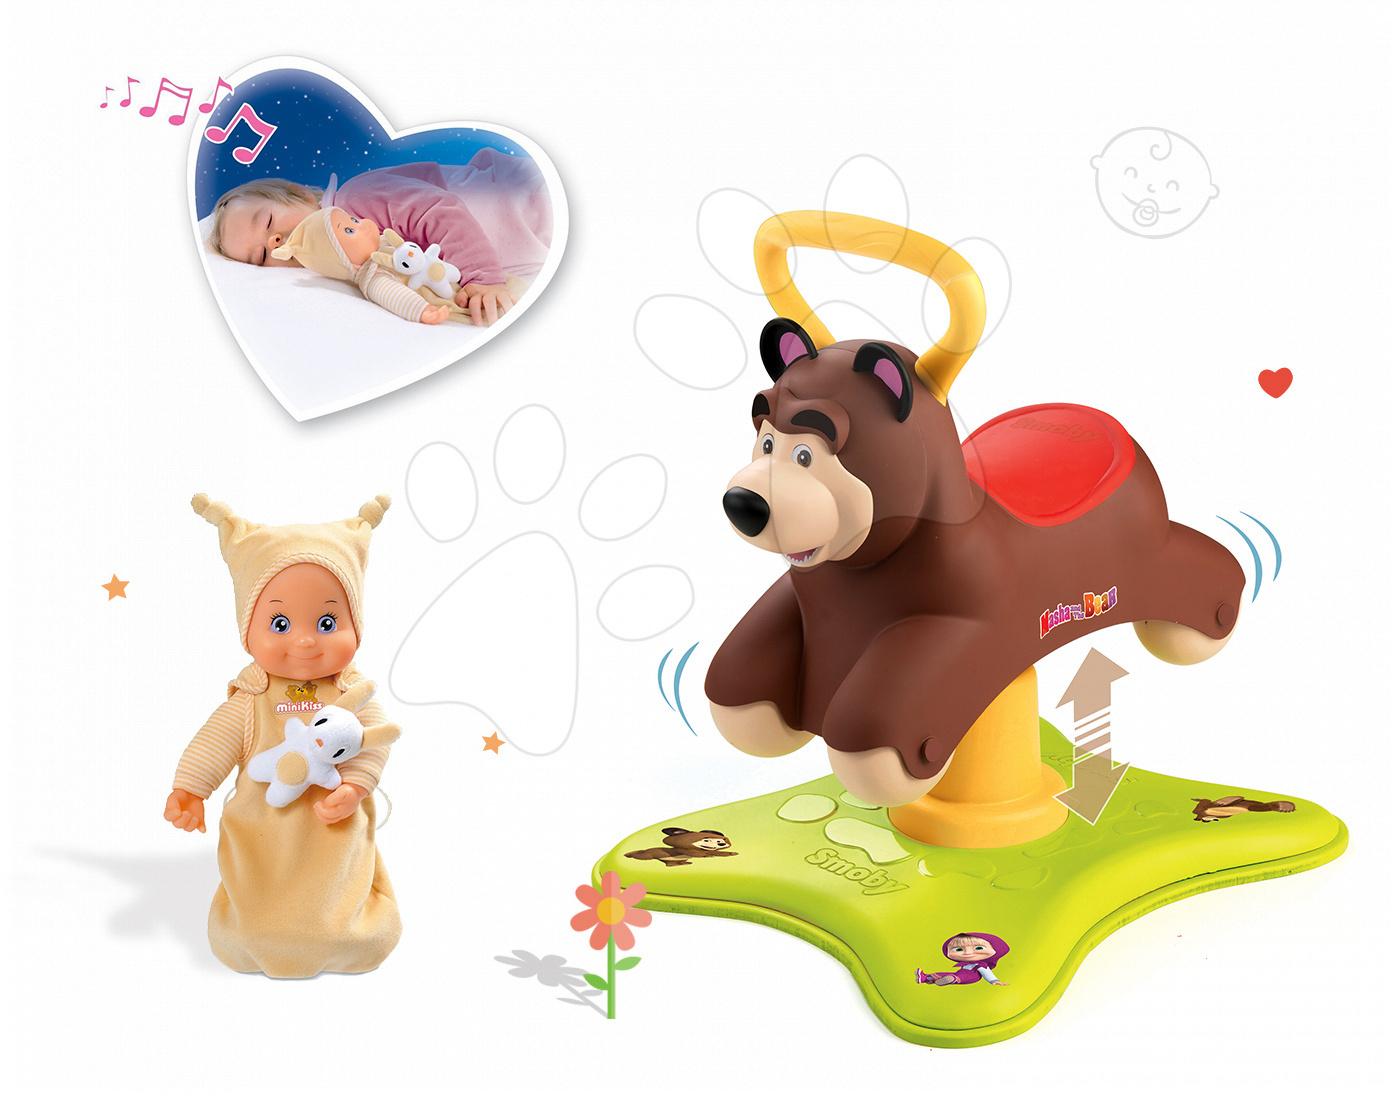 Set odrážedlo Máša a medvěd 2v1 Smoby skákající a točící, panenka se zvukem MiniKiss od 12 měsíců